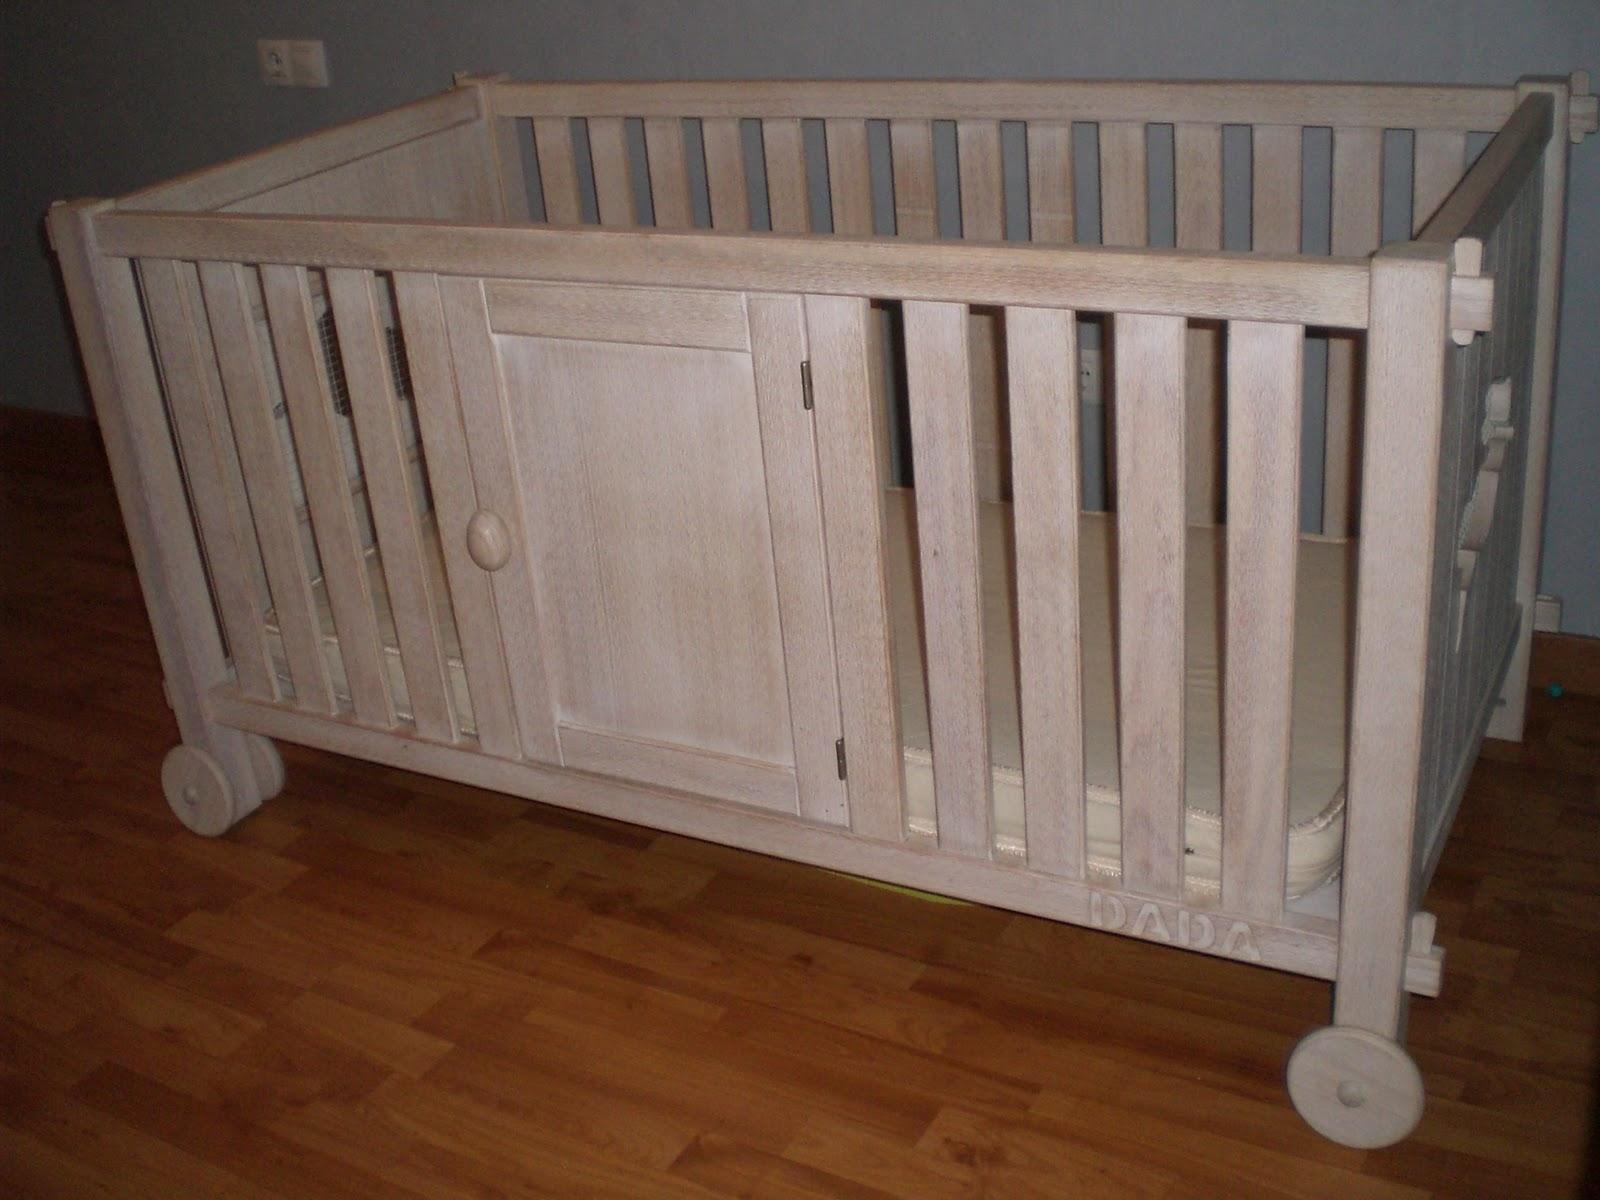 La nube rosa bebe habitaci n completa beb for Habitacion completa bebe boy